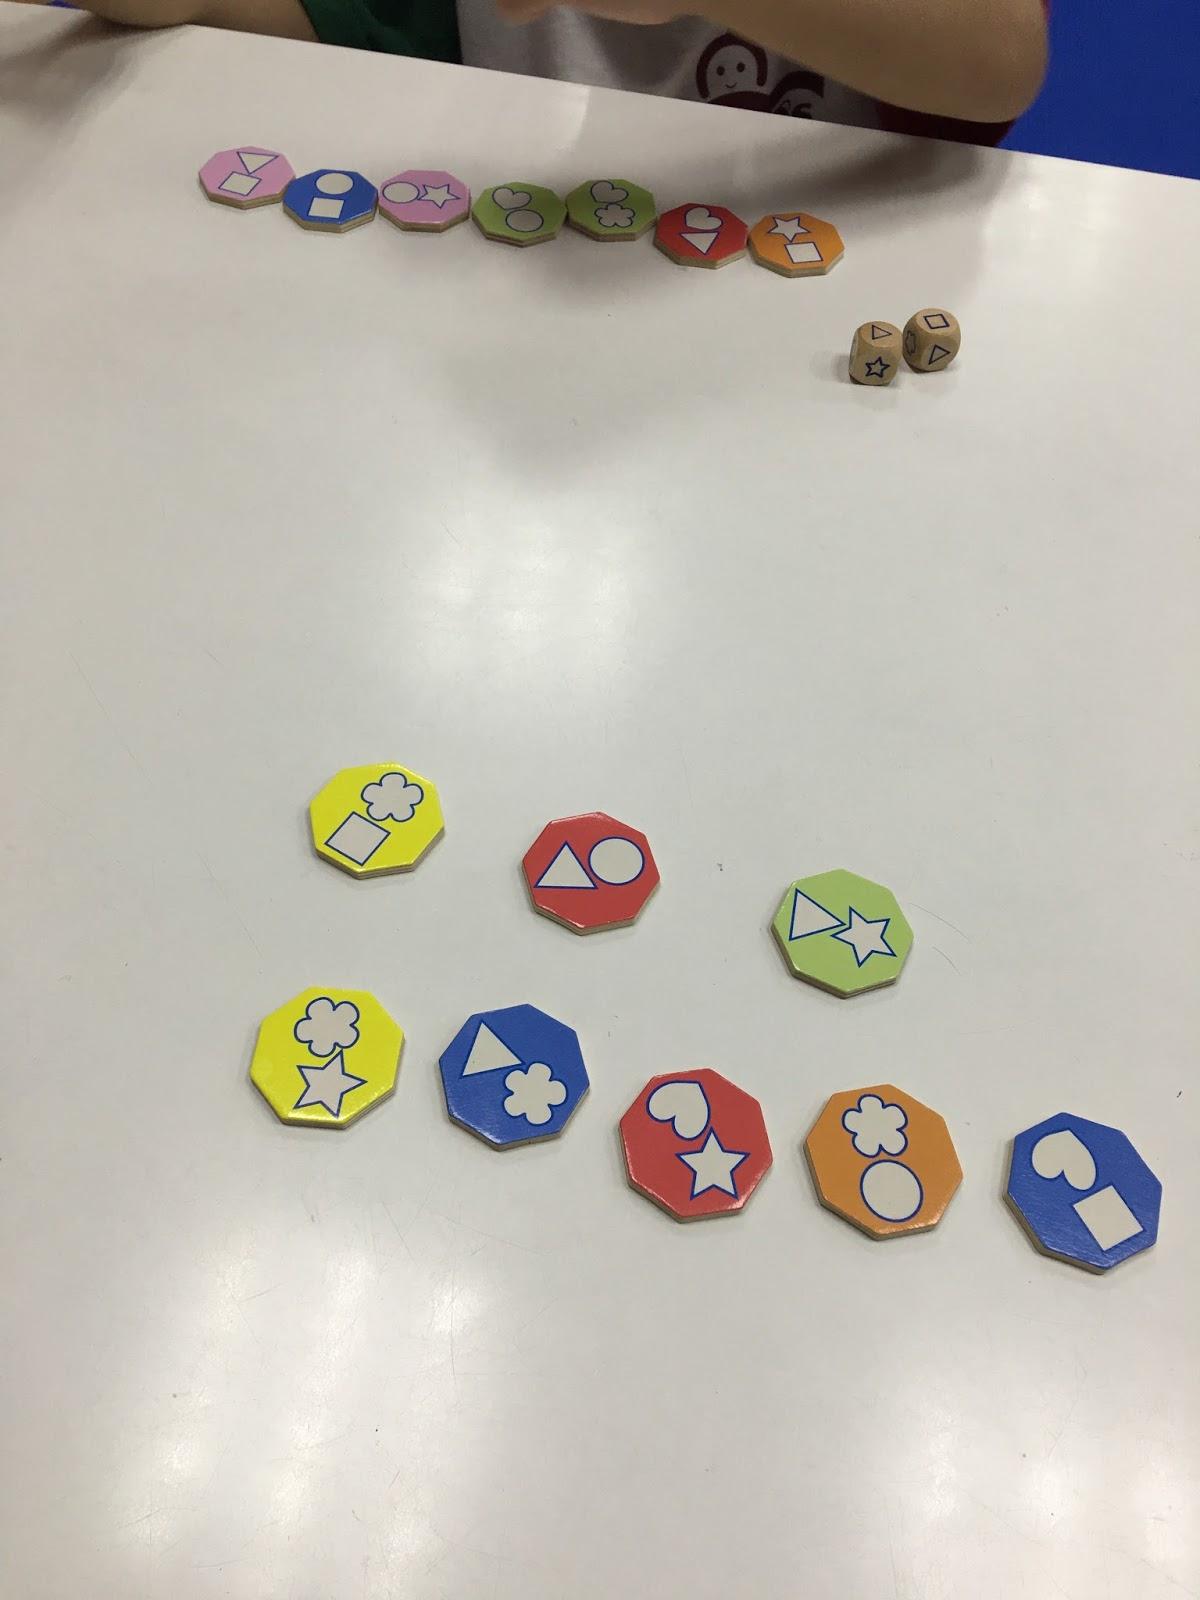 無限兒童發展中心 rdi臺灣: 形狀配對(運用桌遊在rdi上)@無限潛能兒童發展中心 rdi臺灣